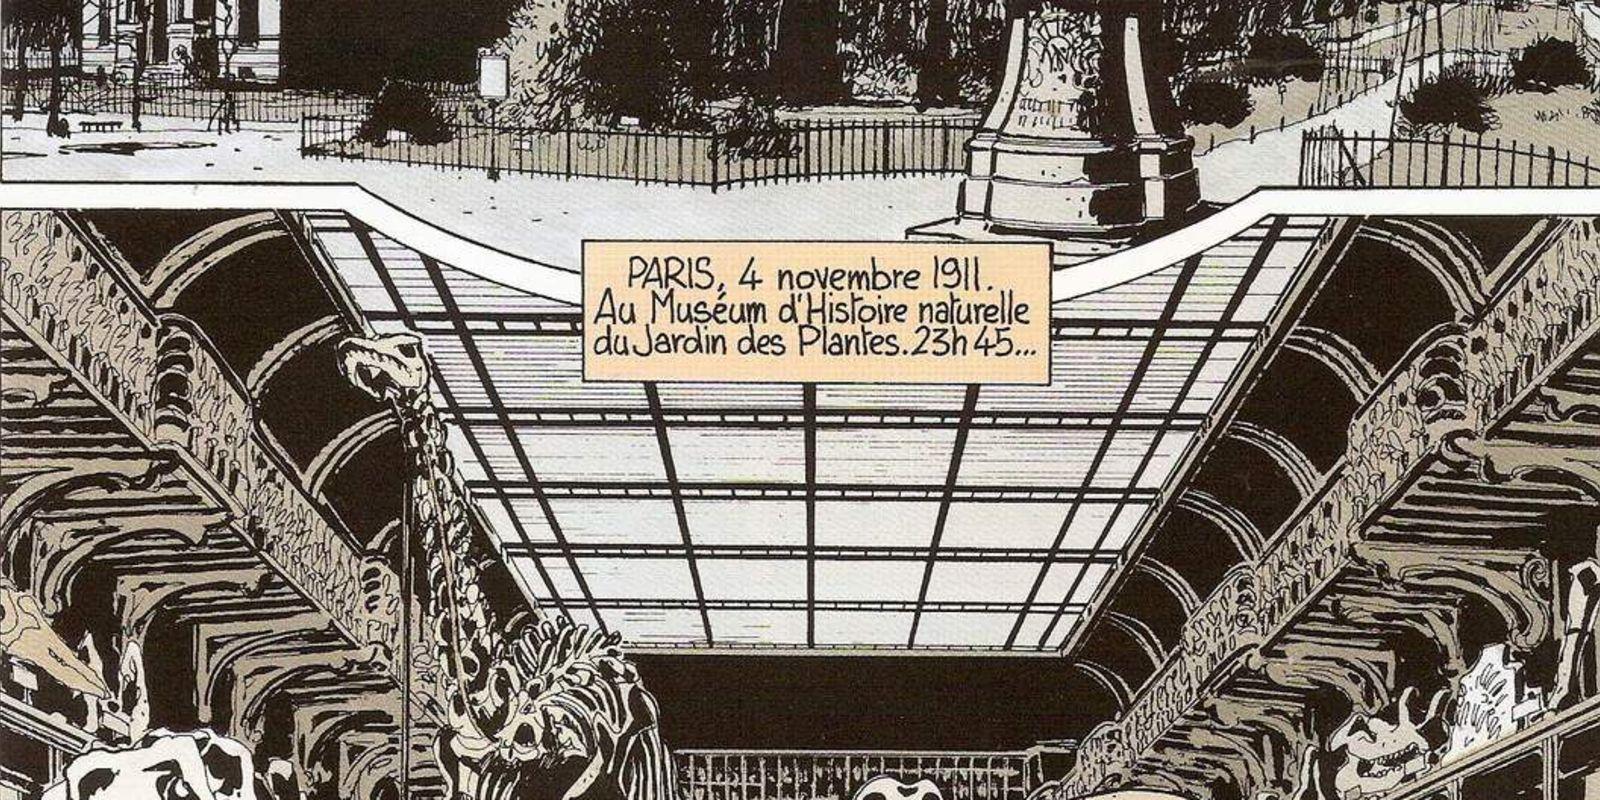 Le Paris de la bande dessinée en jeu de piste